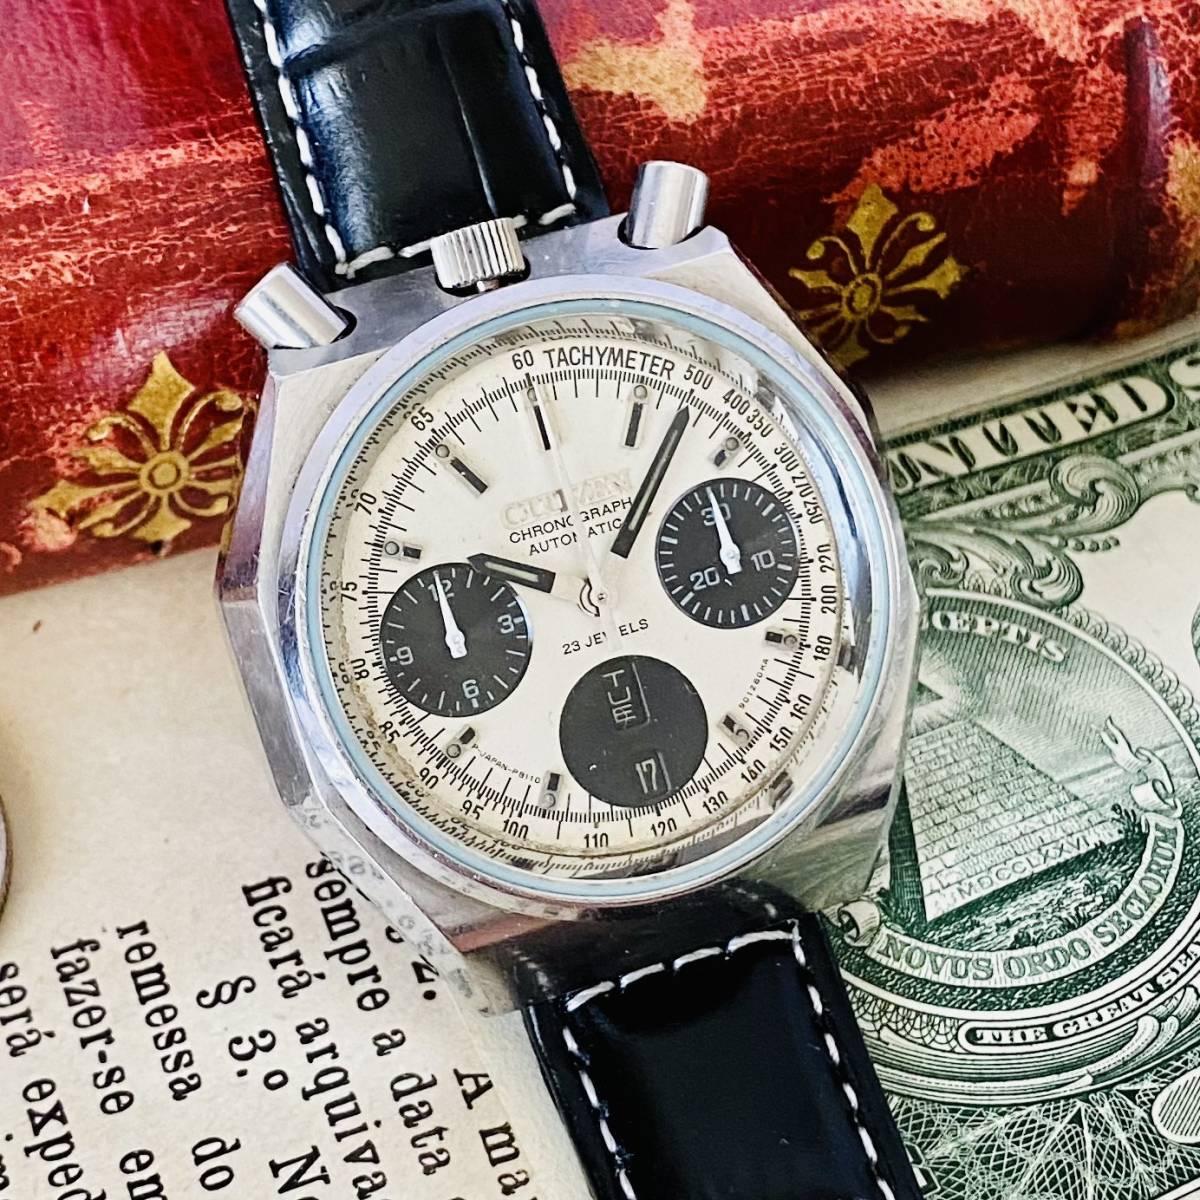 【高級時計 シチズン】CITIZEN 8110A クロノグラフ 自動巻 1980年代 ツノ メンズ レディース ビンテージ アナログ 腕時計パンダ チャレンジ_画像3